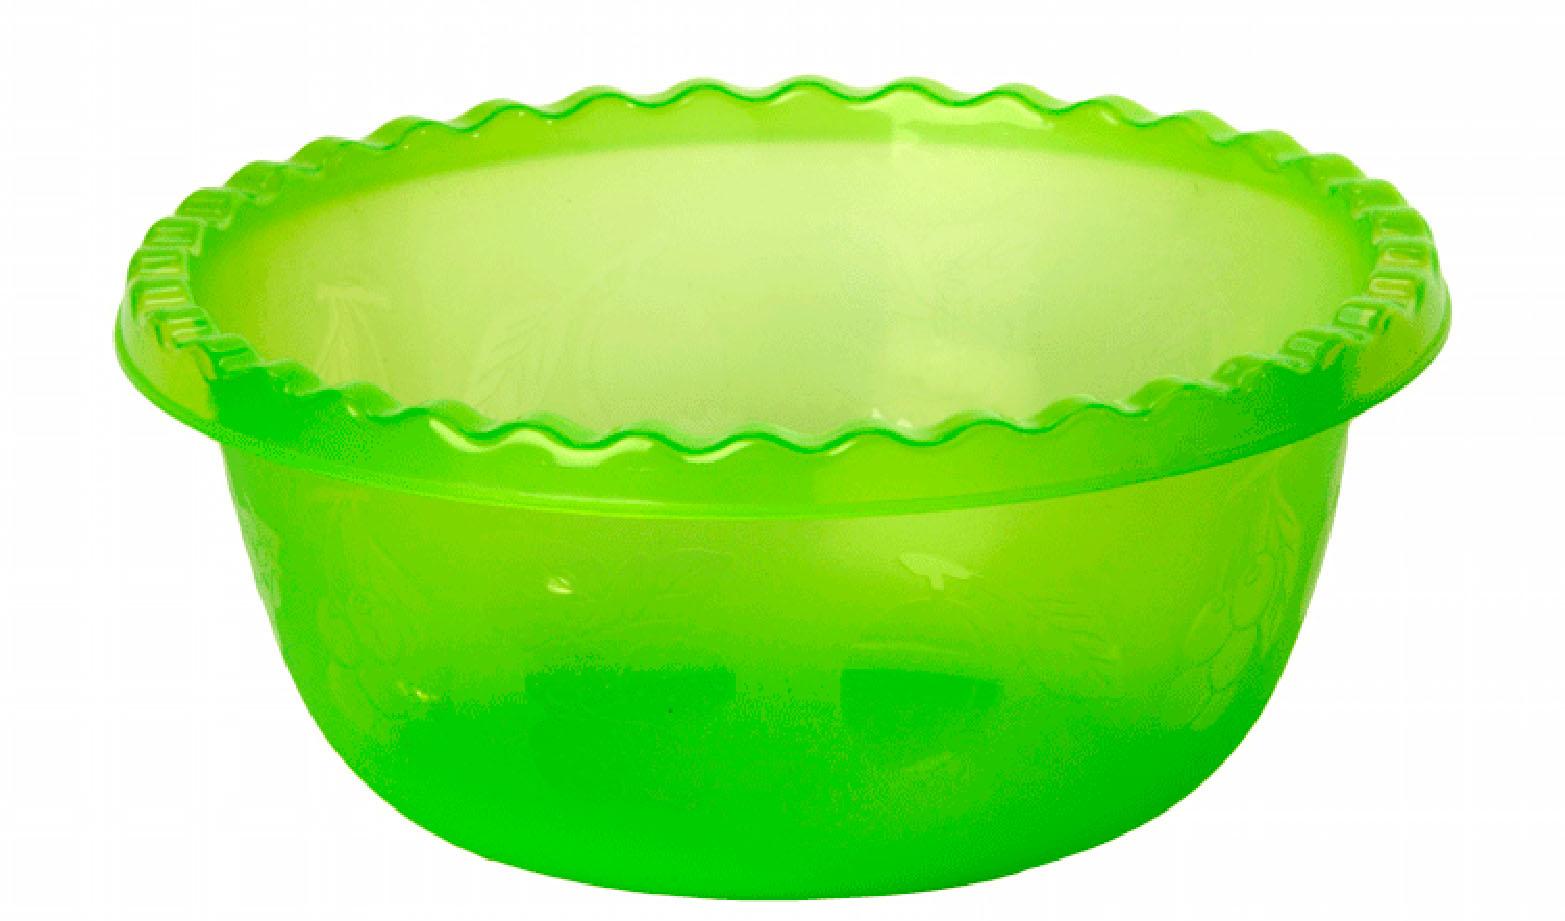 Миска Idea, цвет: салатовый, 1,8 лPRV-1590/3Вместительная миска Idea изготовлена из высококачественного пищевого полипропилена. Изделие очень функциональное, оно пригодится на кухне для самых разнообразных нужд: в качестве салатника, миски, тарелки. По периметру миска украшена узором в виде фруктов.